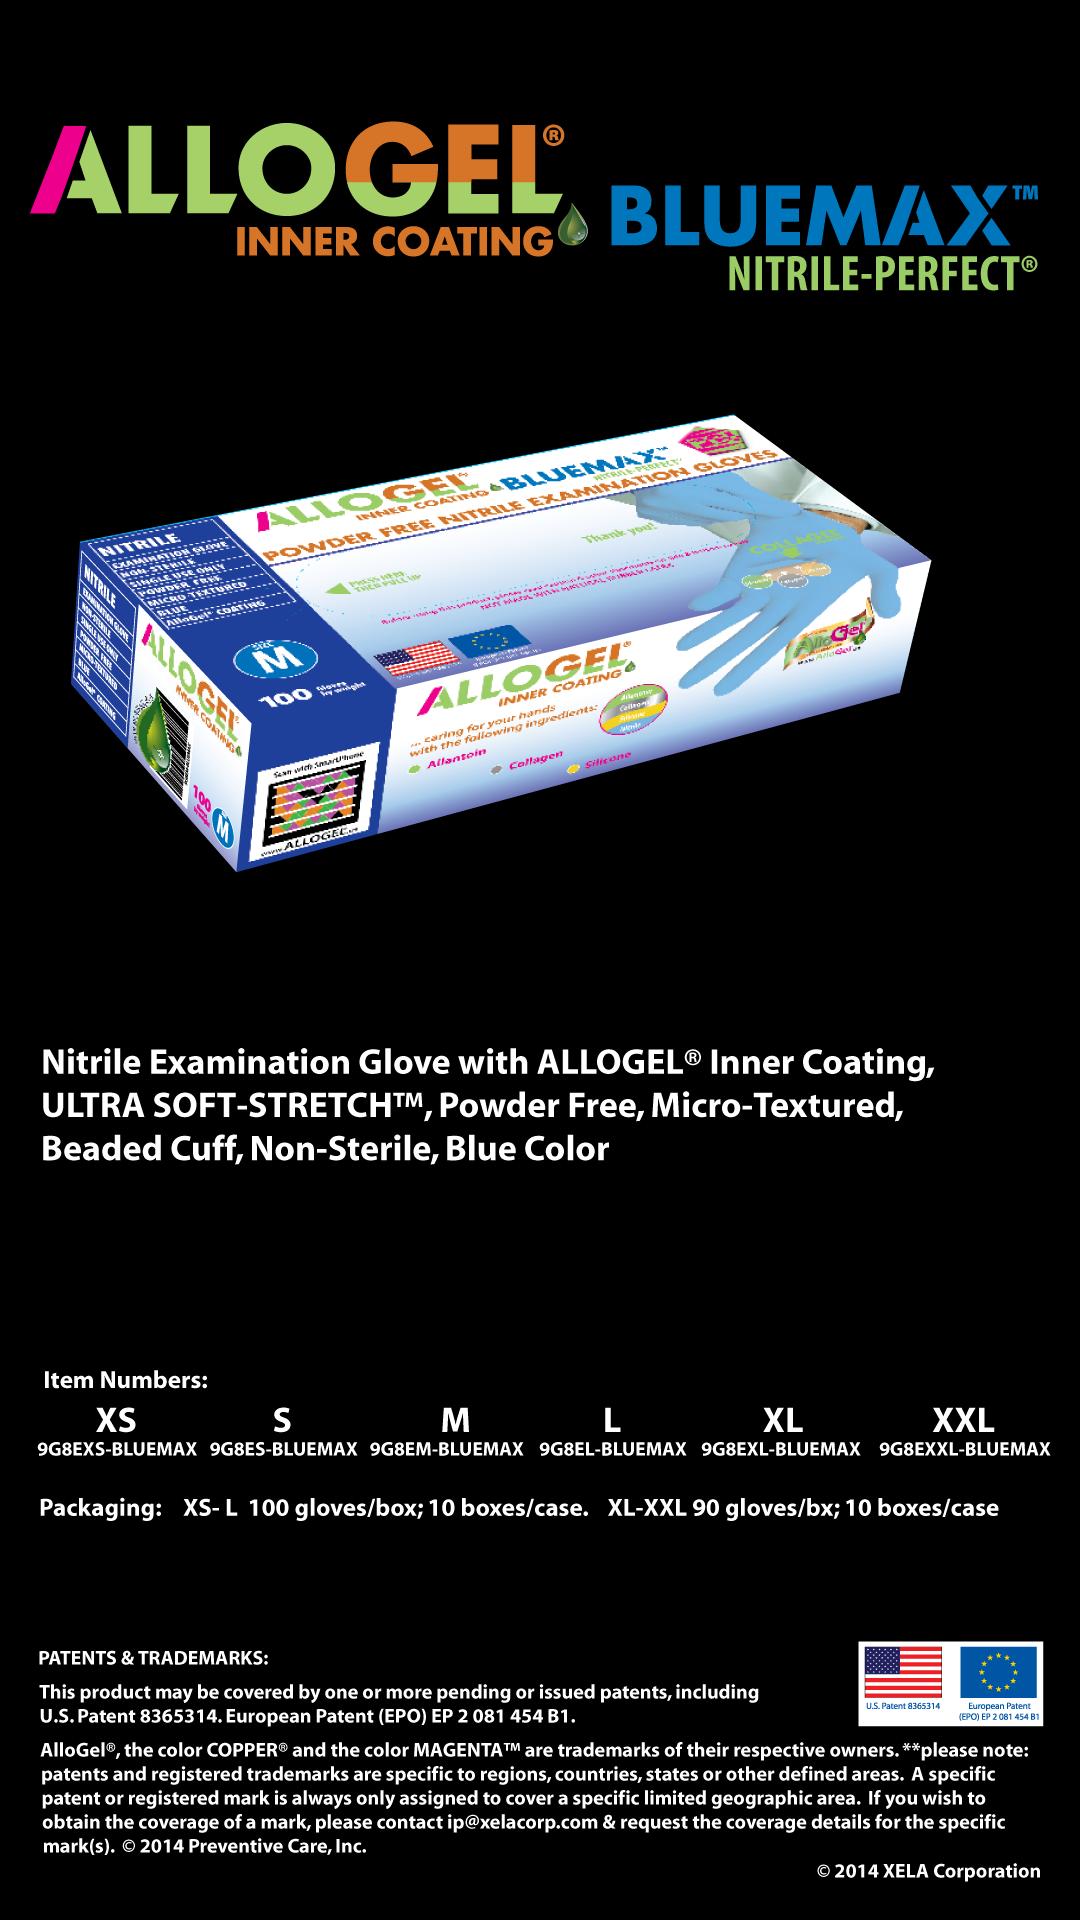 AlloGel-Bluemax-141125.png